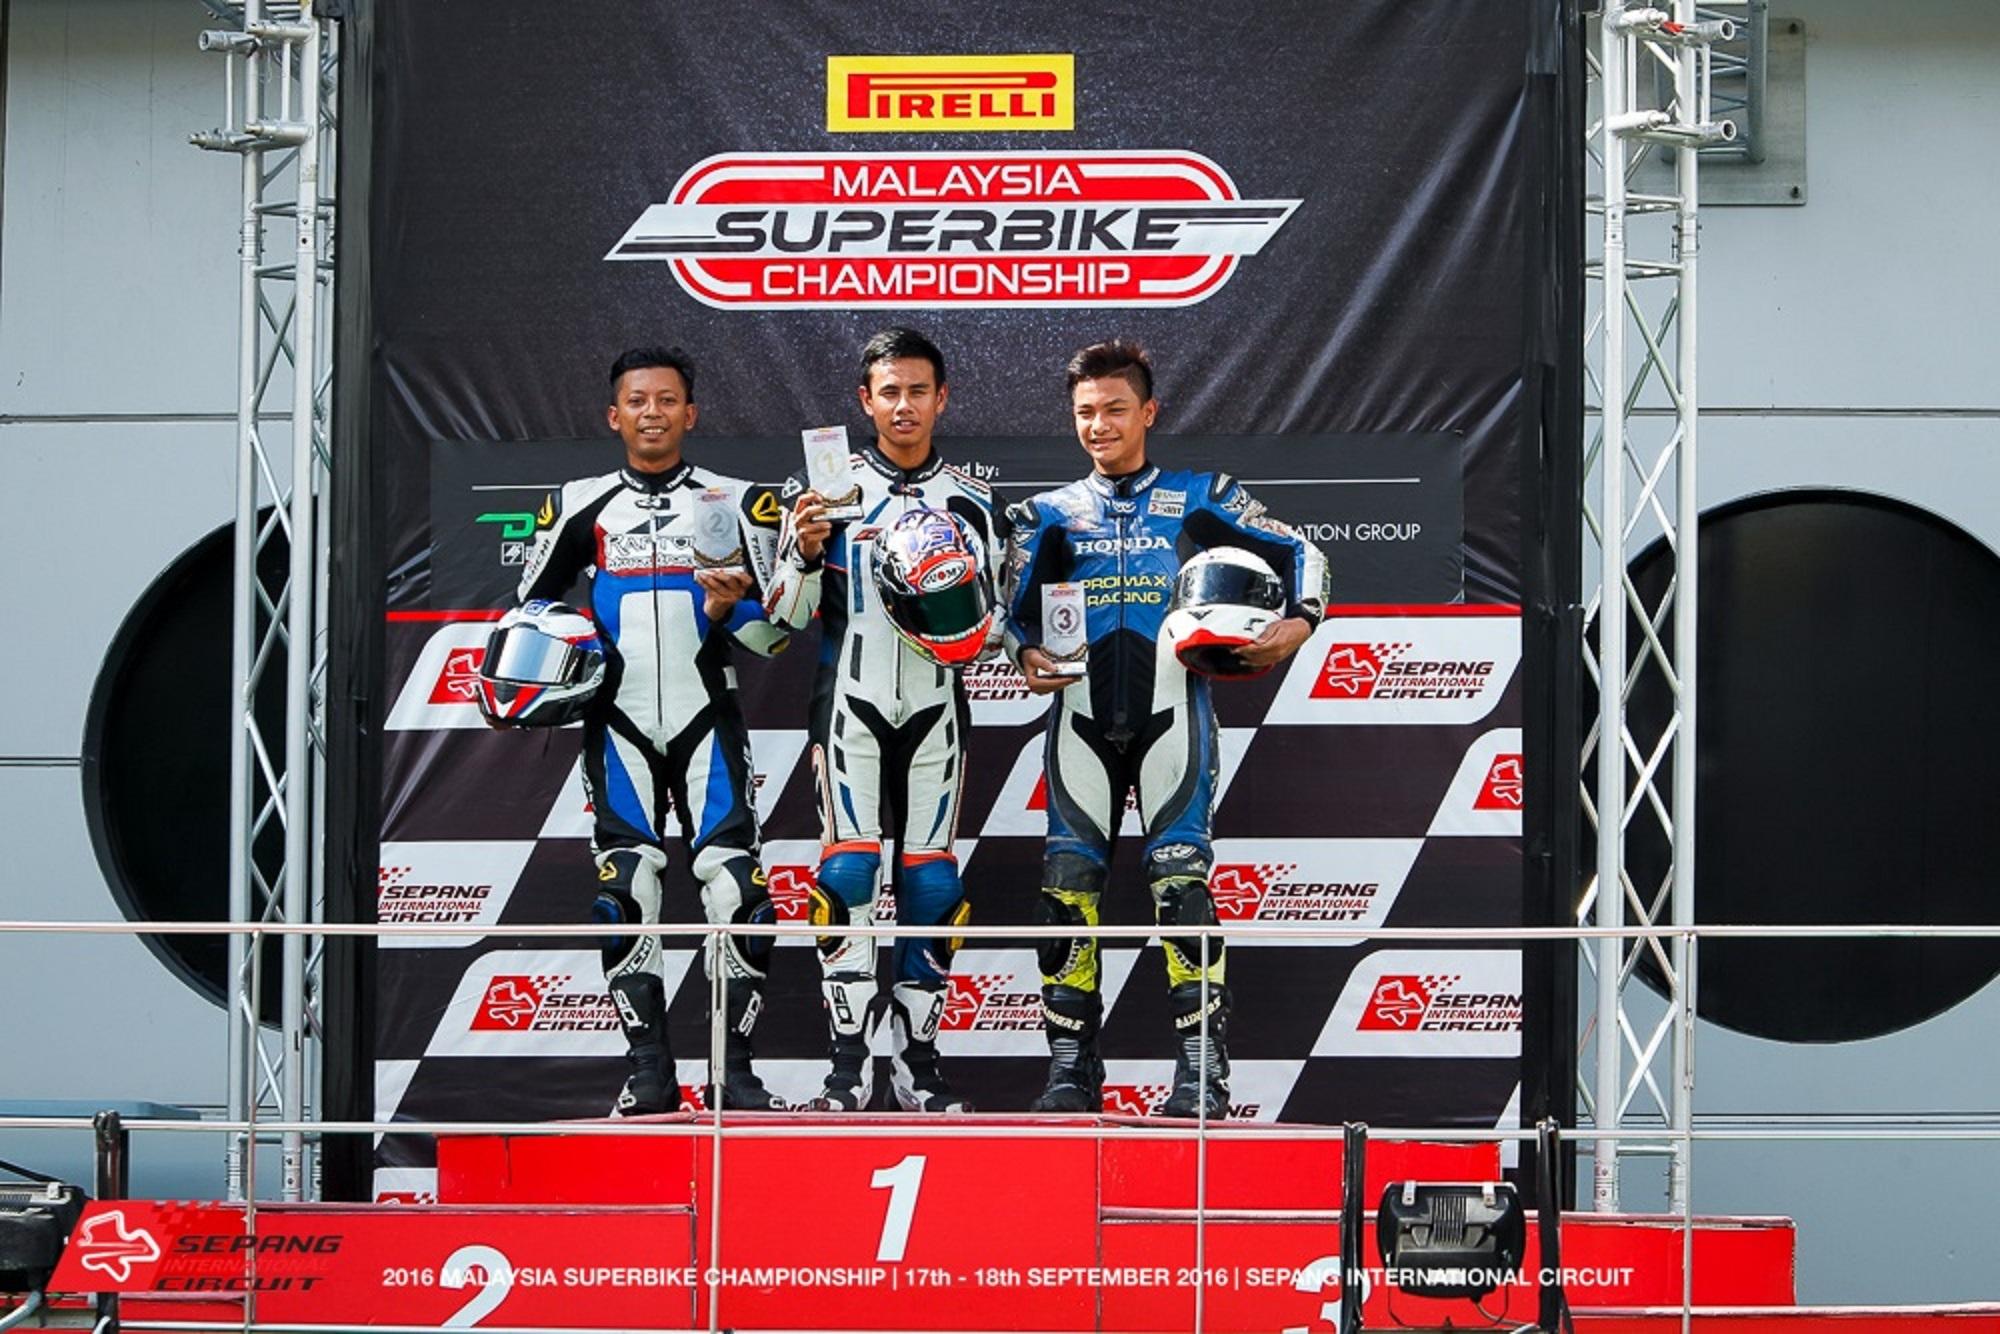 2016 Malaysia Superbike Championship (MSBK) - Open 250 Championship